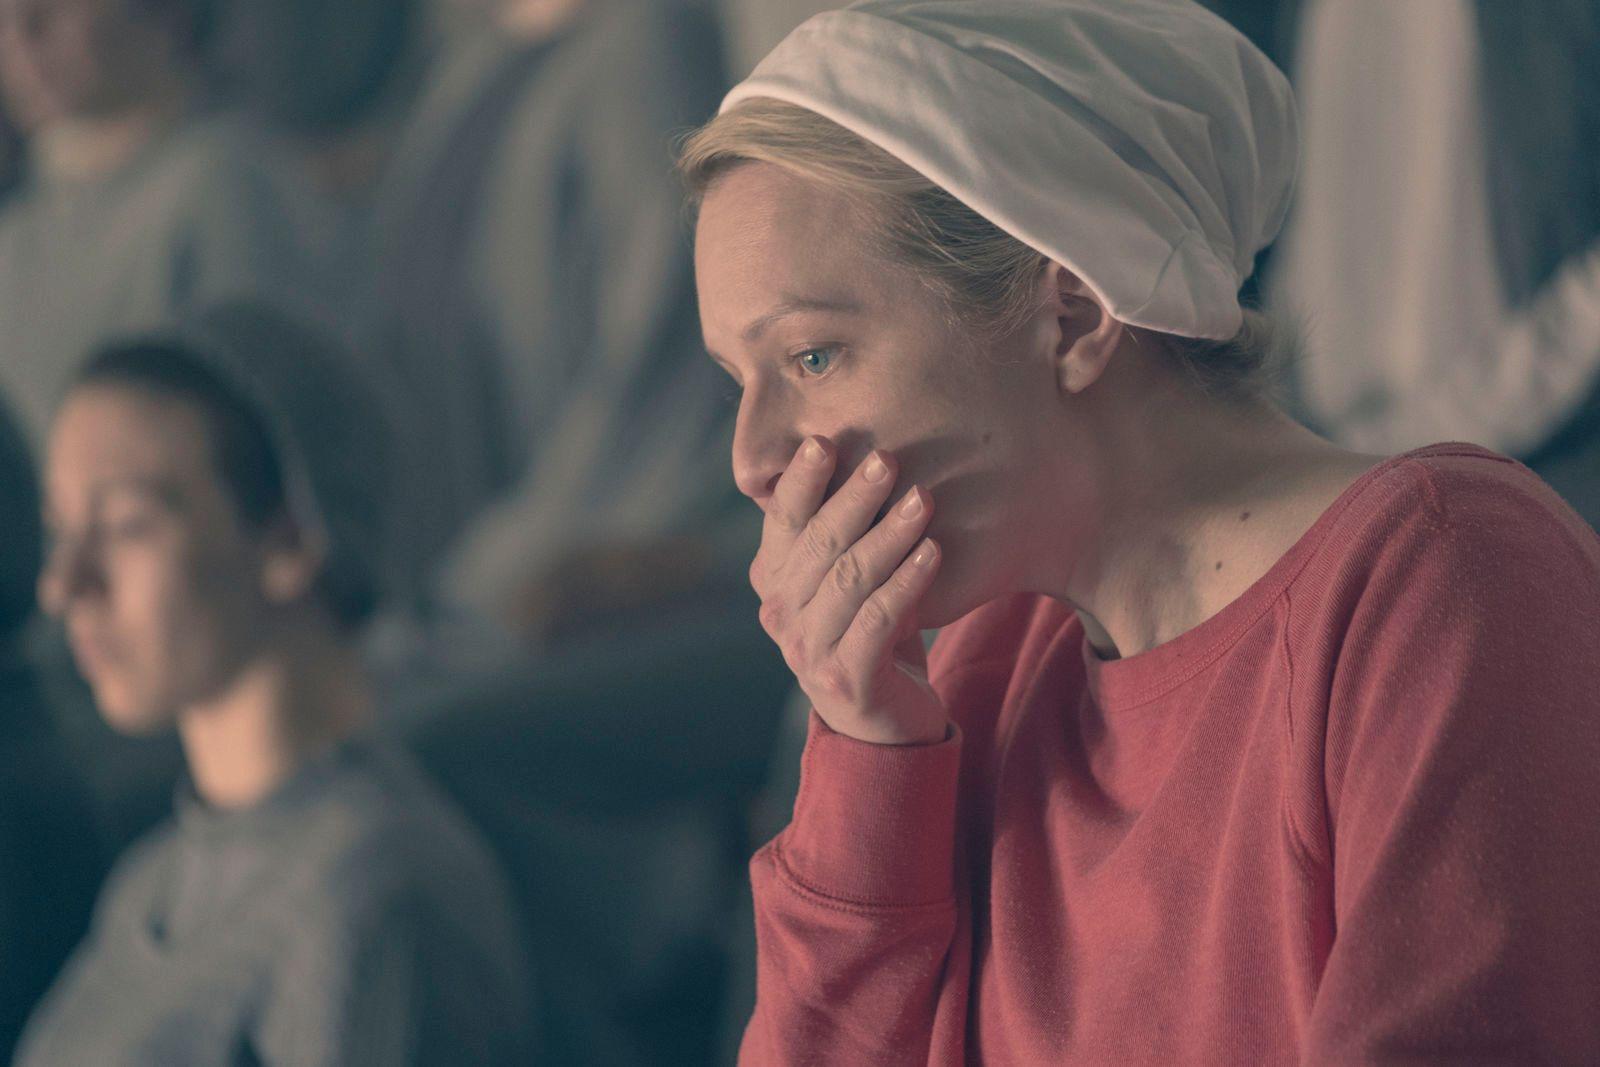 SJOKK: Det har vært store sjokk gjennom hele sesongen. Her Elisabeth Moss som June / Offred i episode 12.